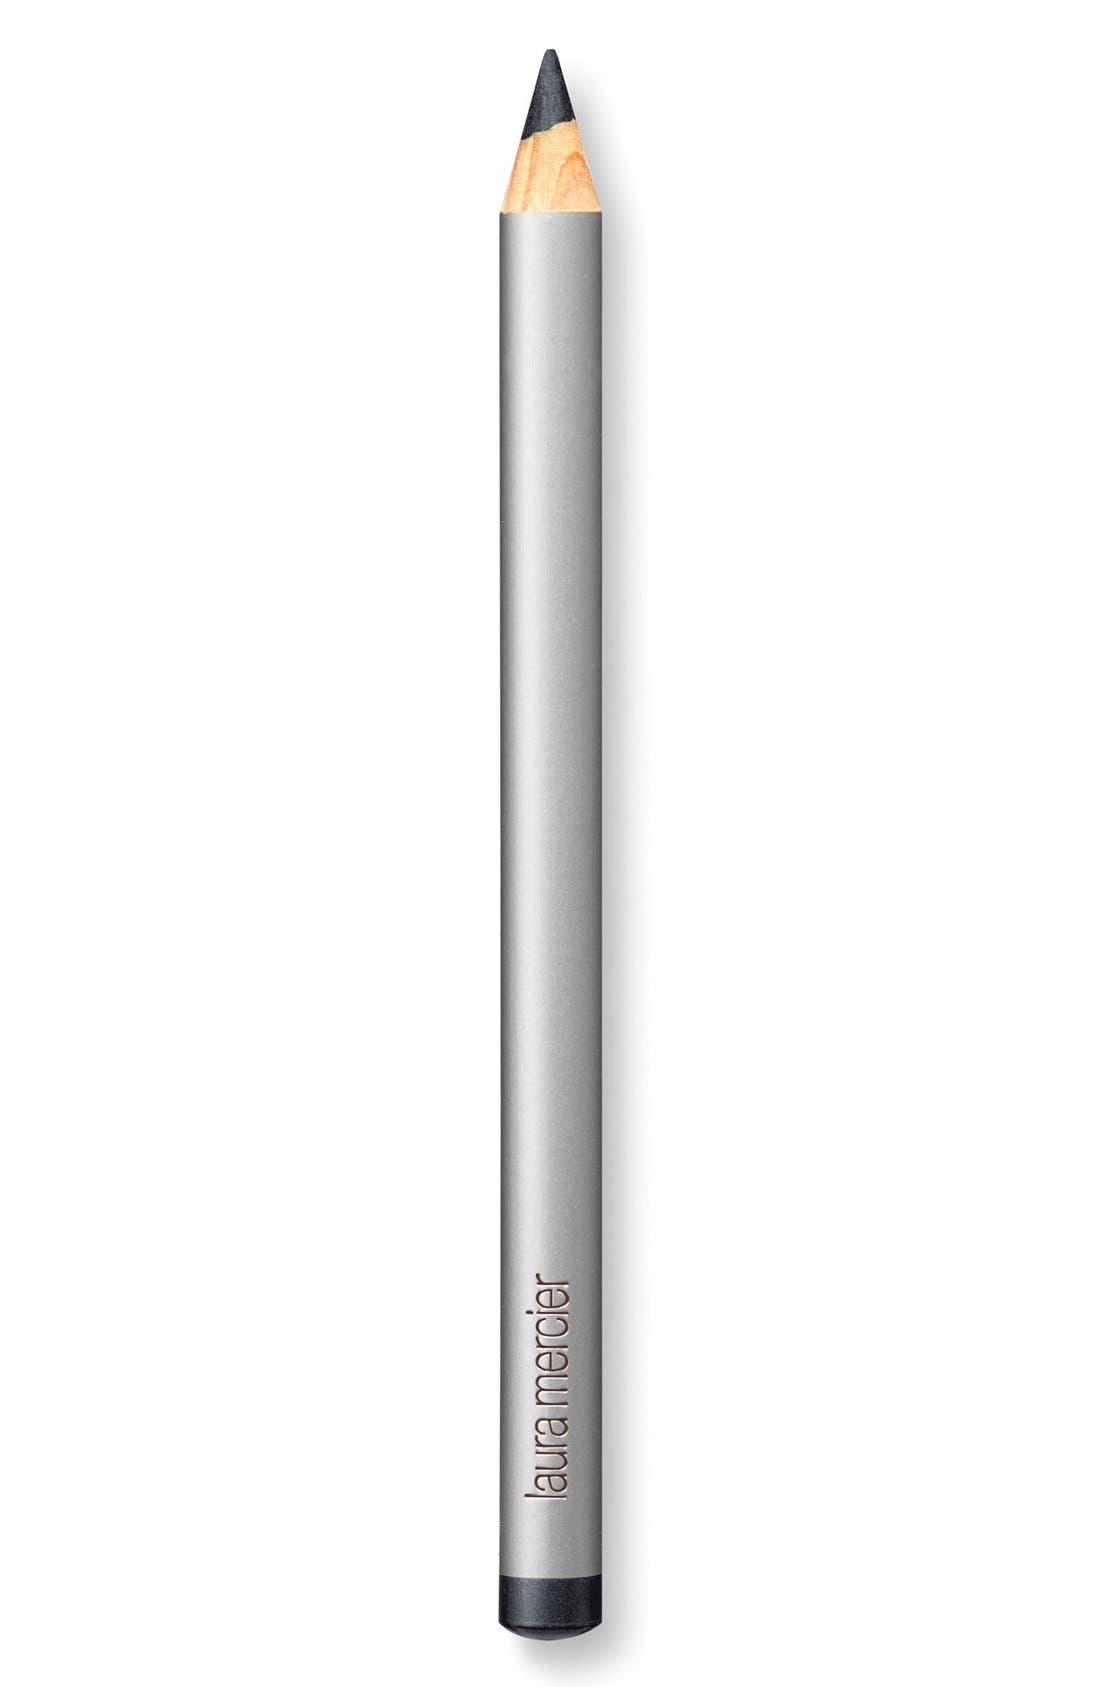 Kohl Eye Pencil,                             Main thumbnail 1, color,